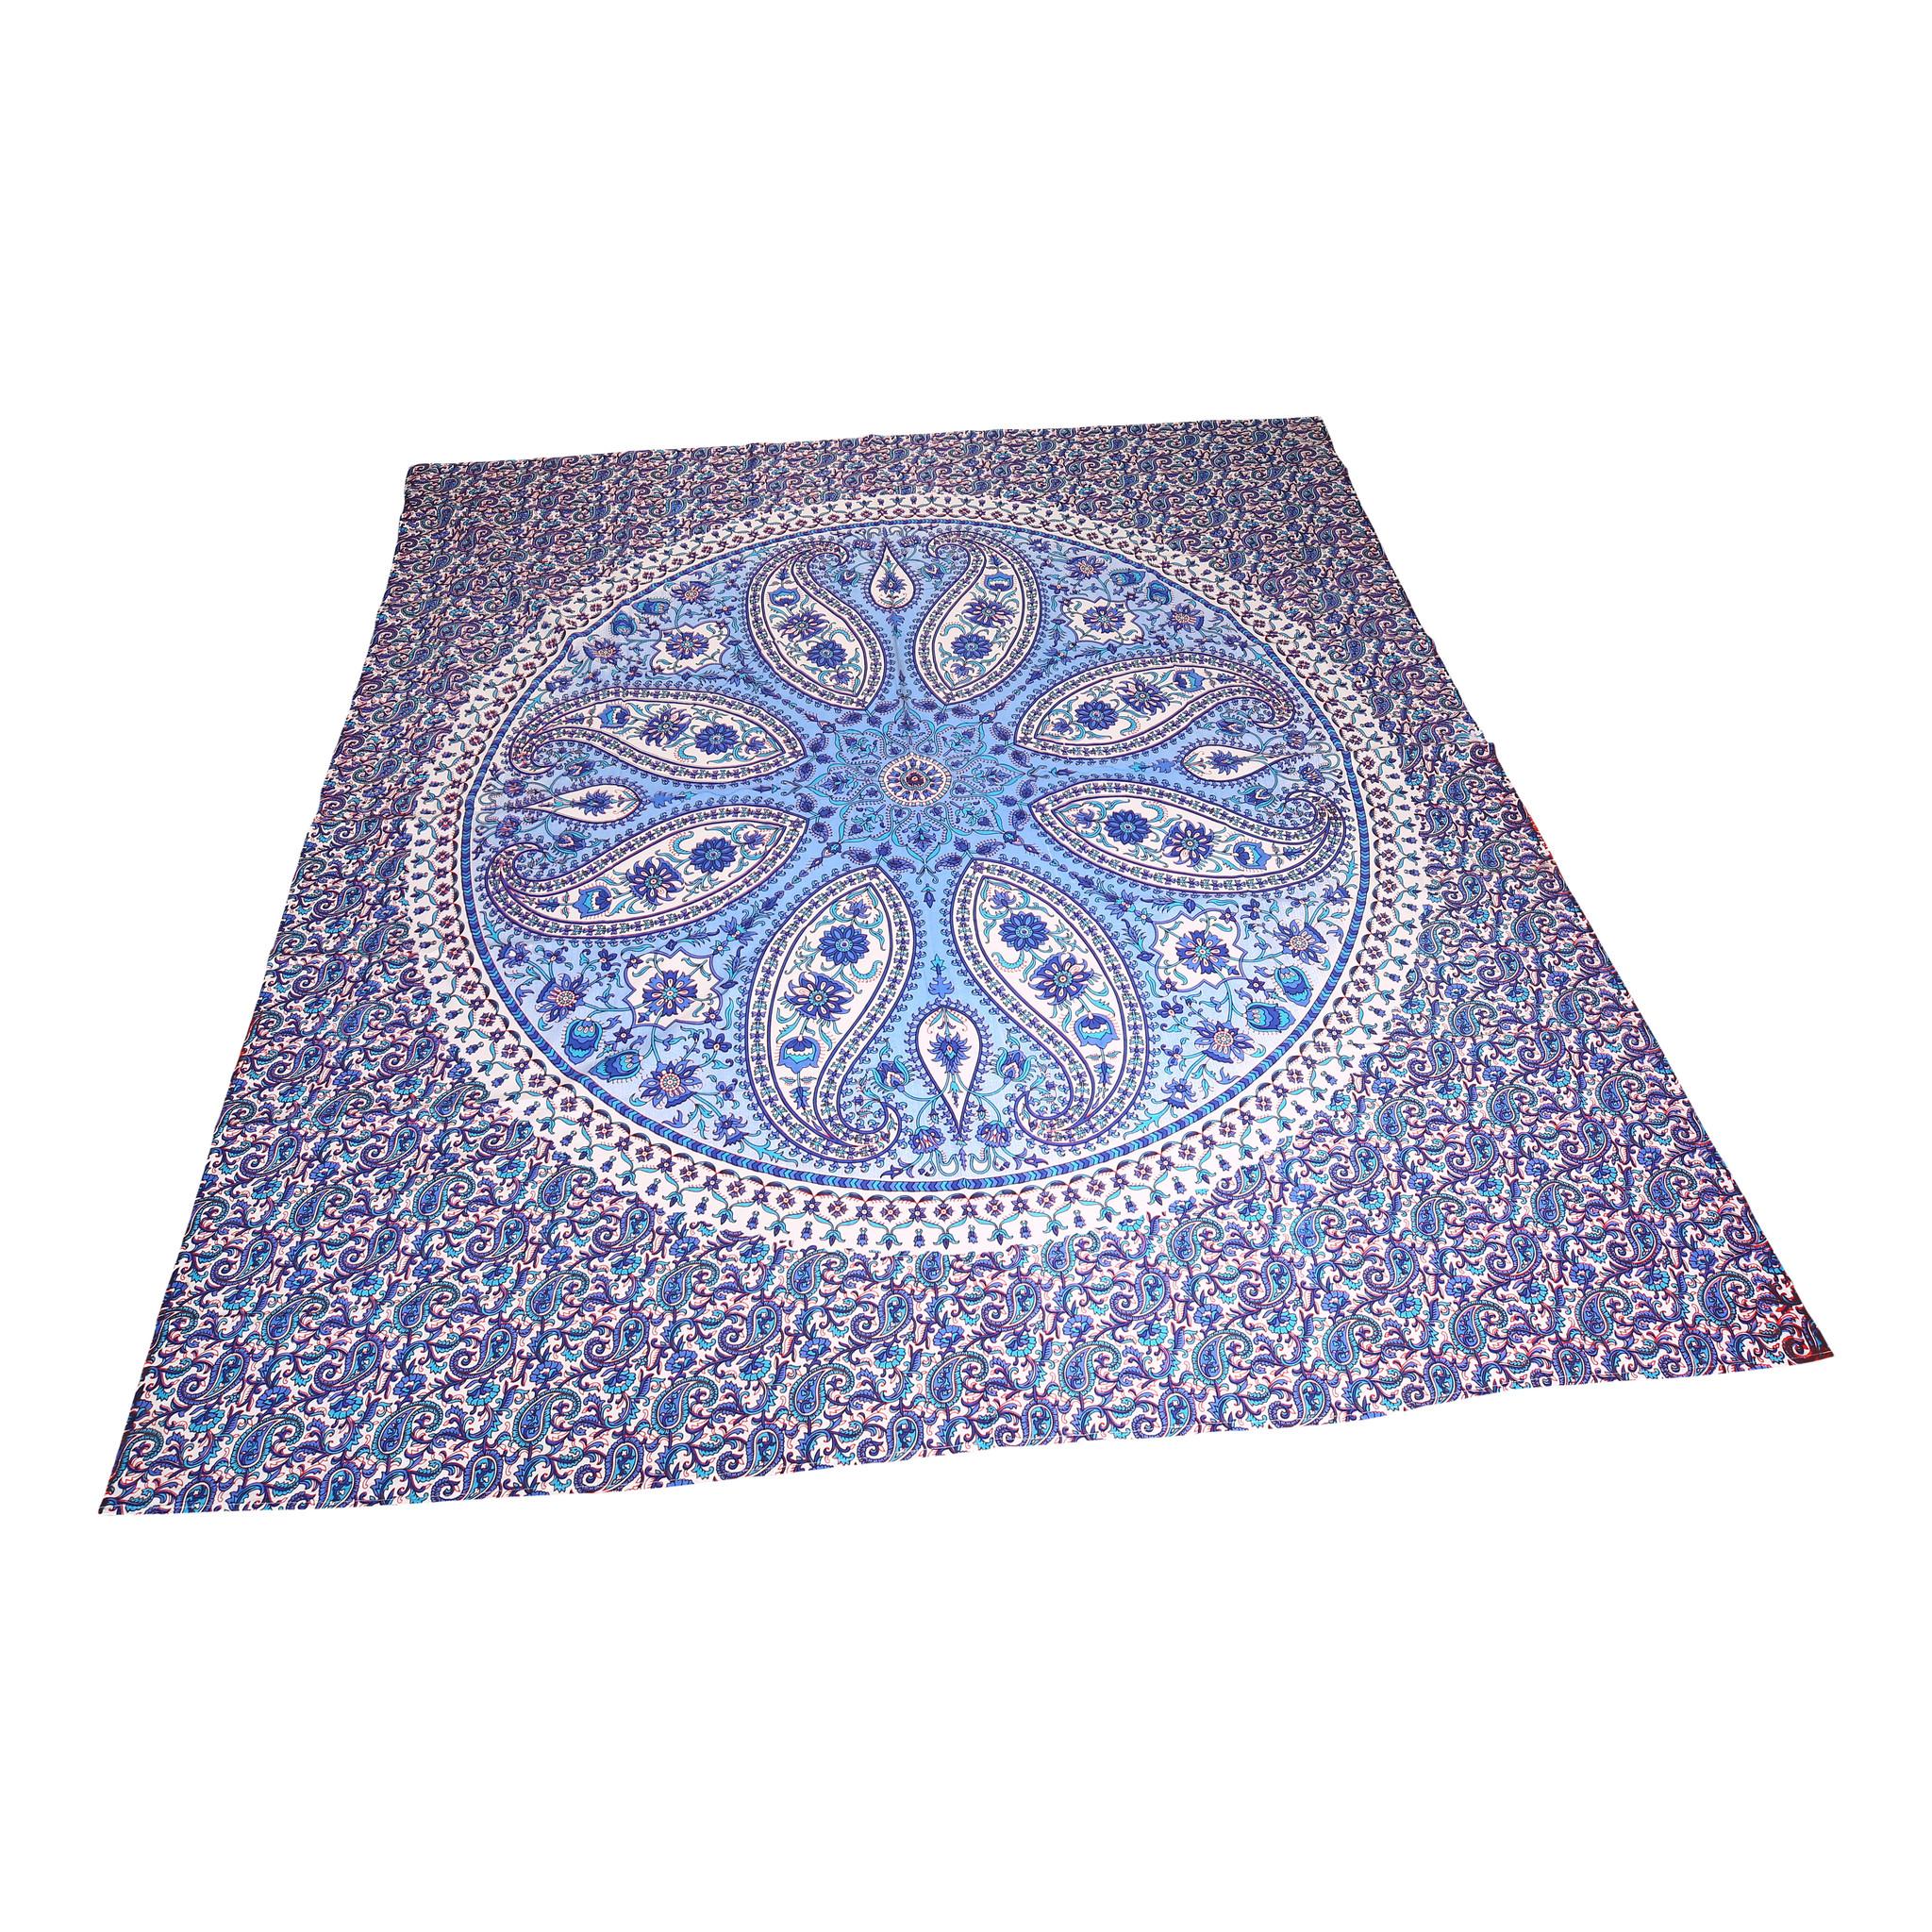 Myroundie Myroundie - roundy - vierkant strandlaken XL – yoga kleed- speelkleed - picknickkleed -100% katoen – 952